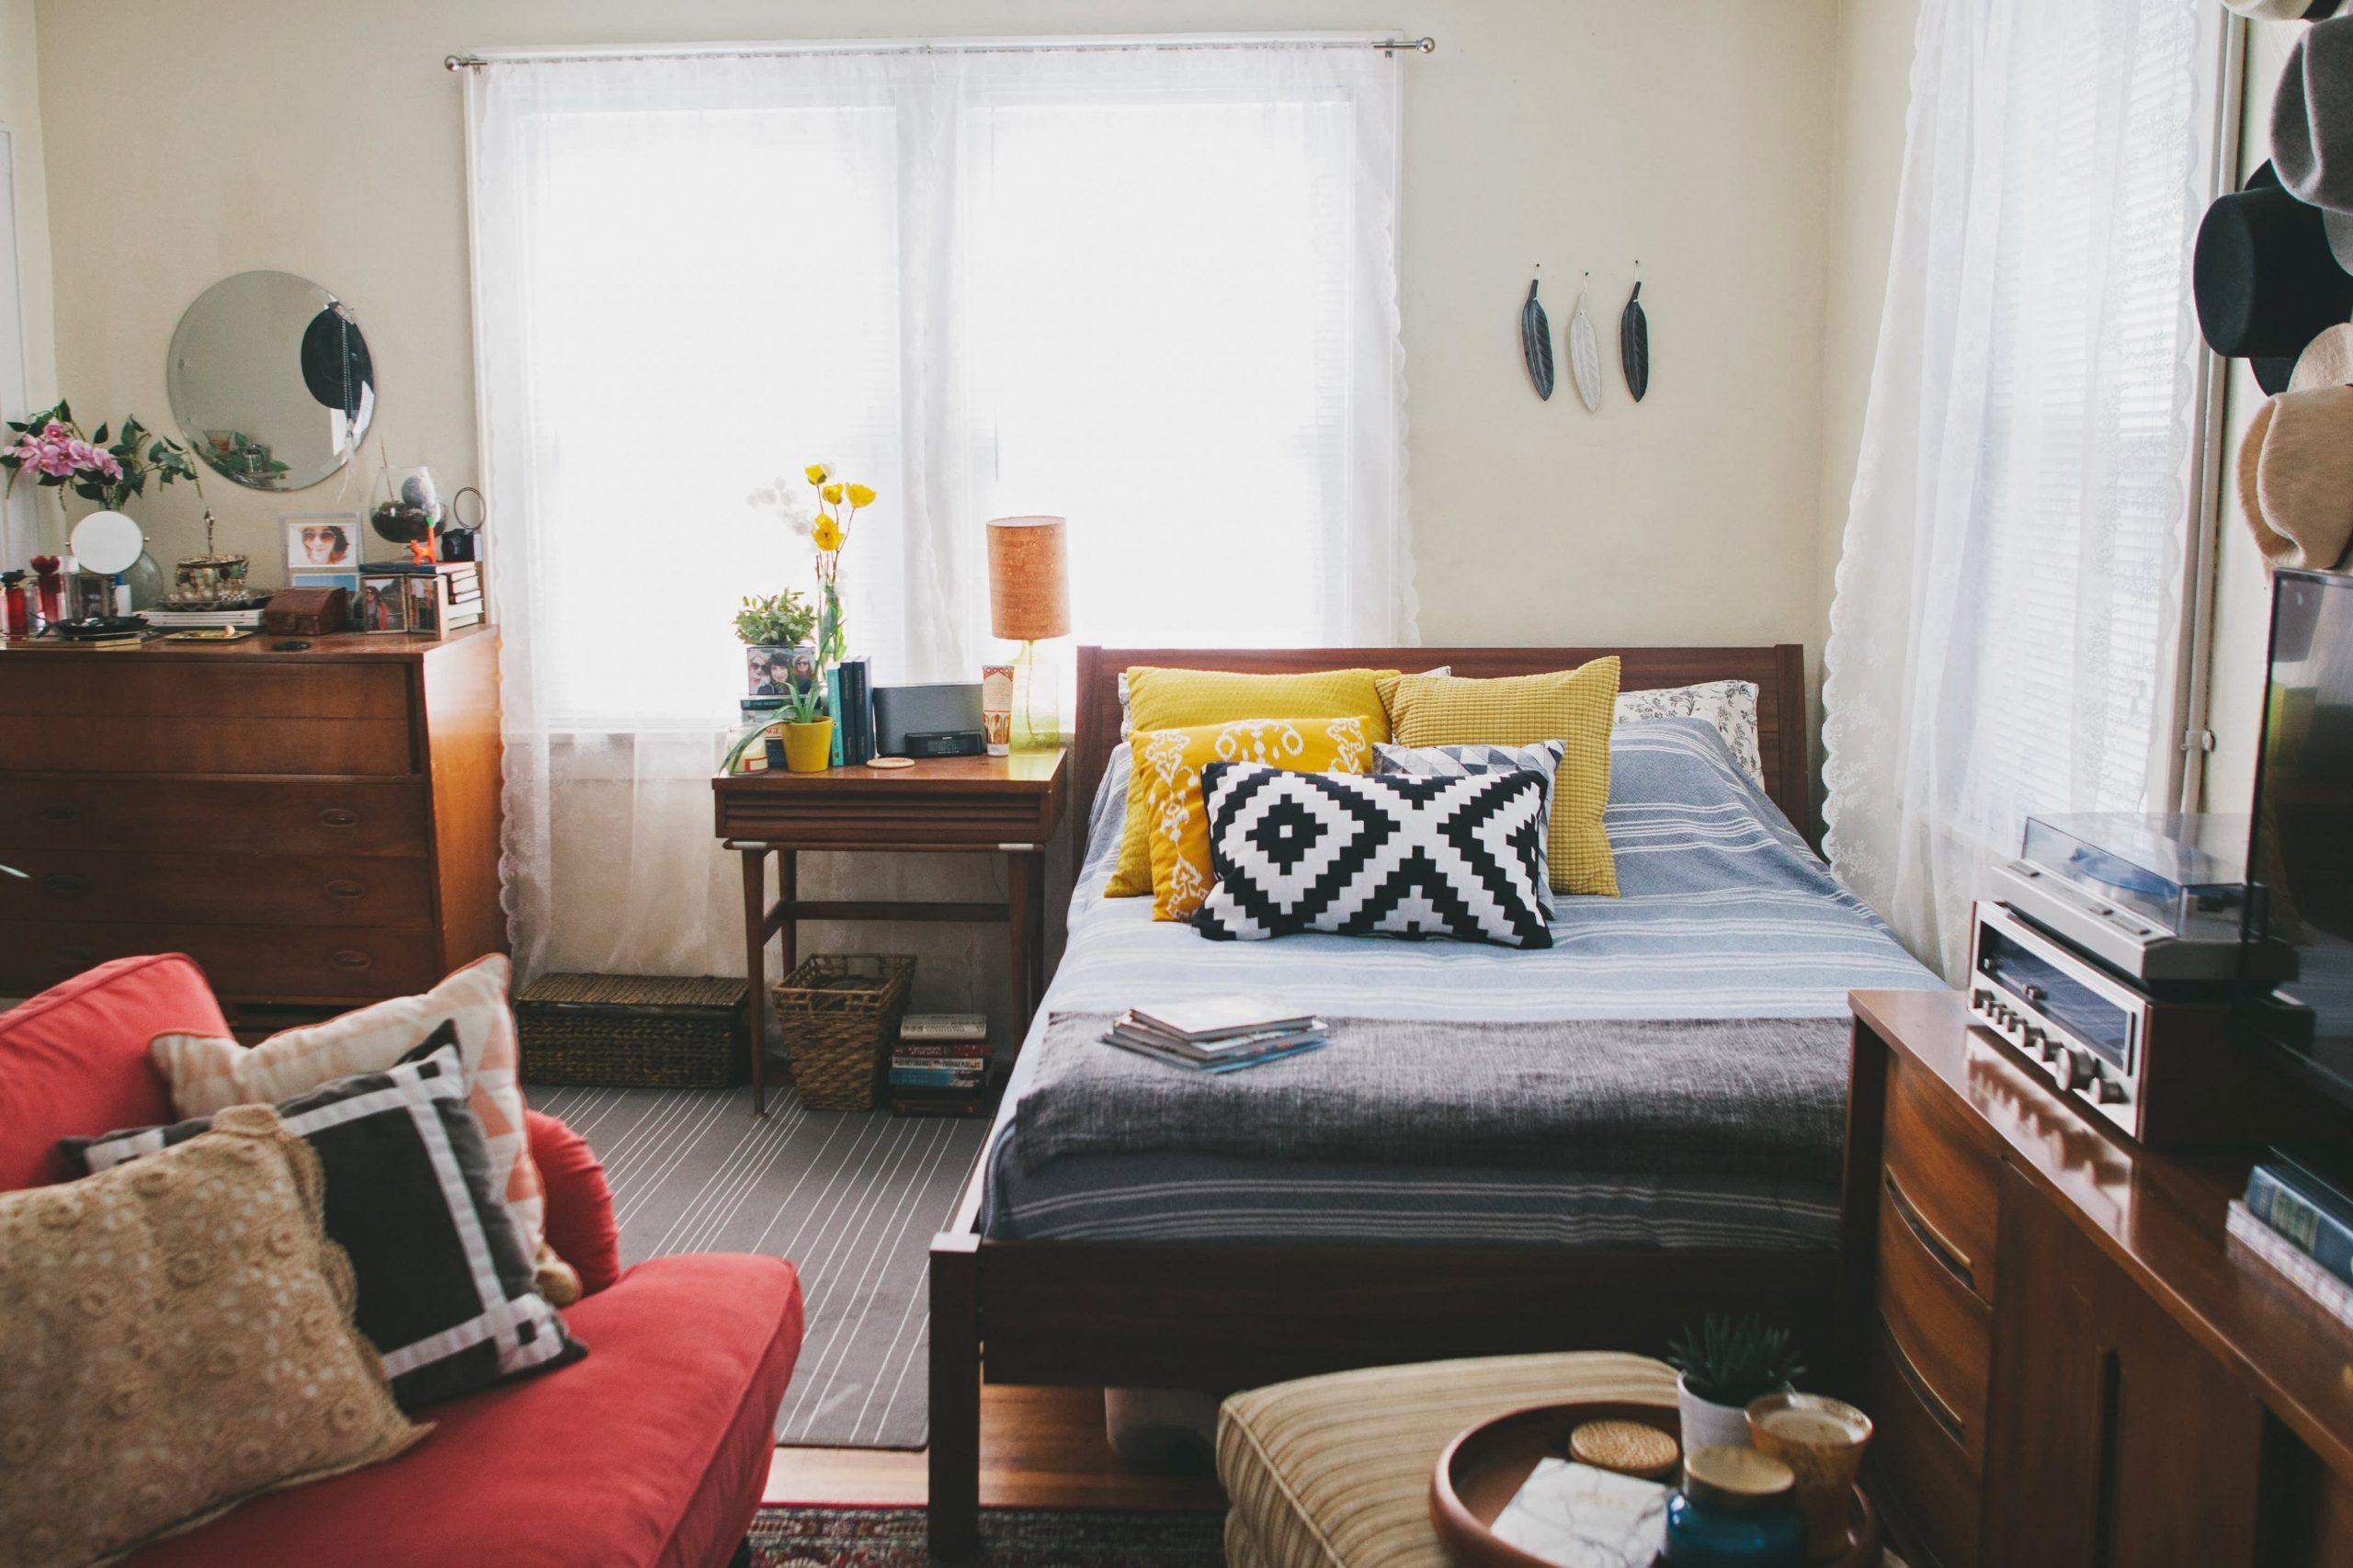 """House Tour: A Tiny """"Bohemian Vintage"""" Style Studio Apartment  - Small Apartment Decorating Ideas Boho"""